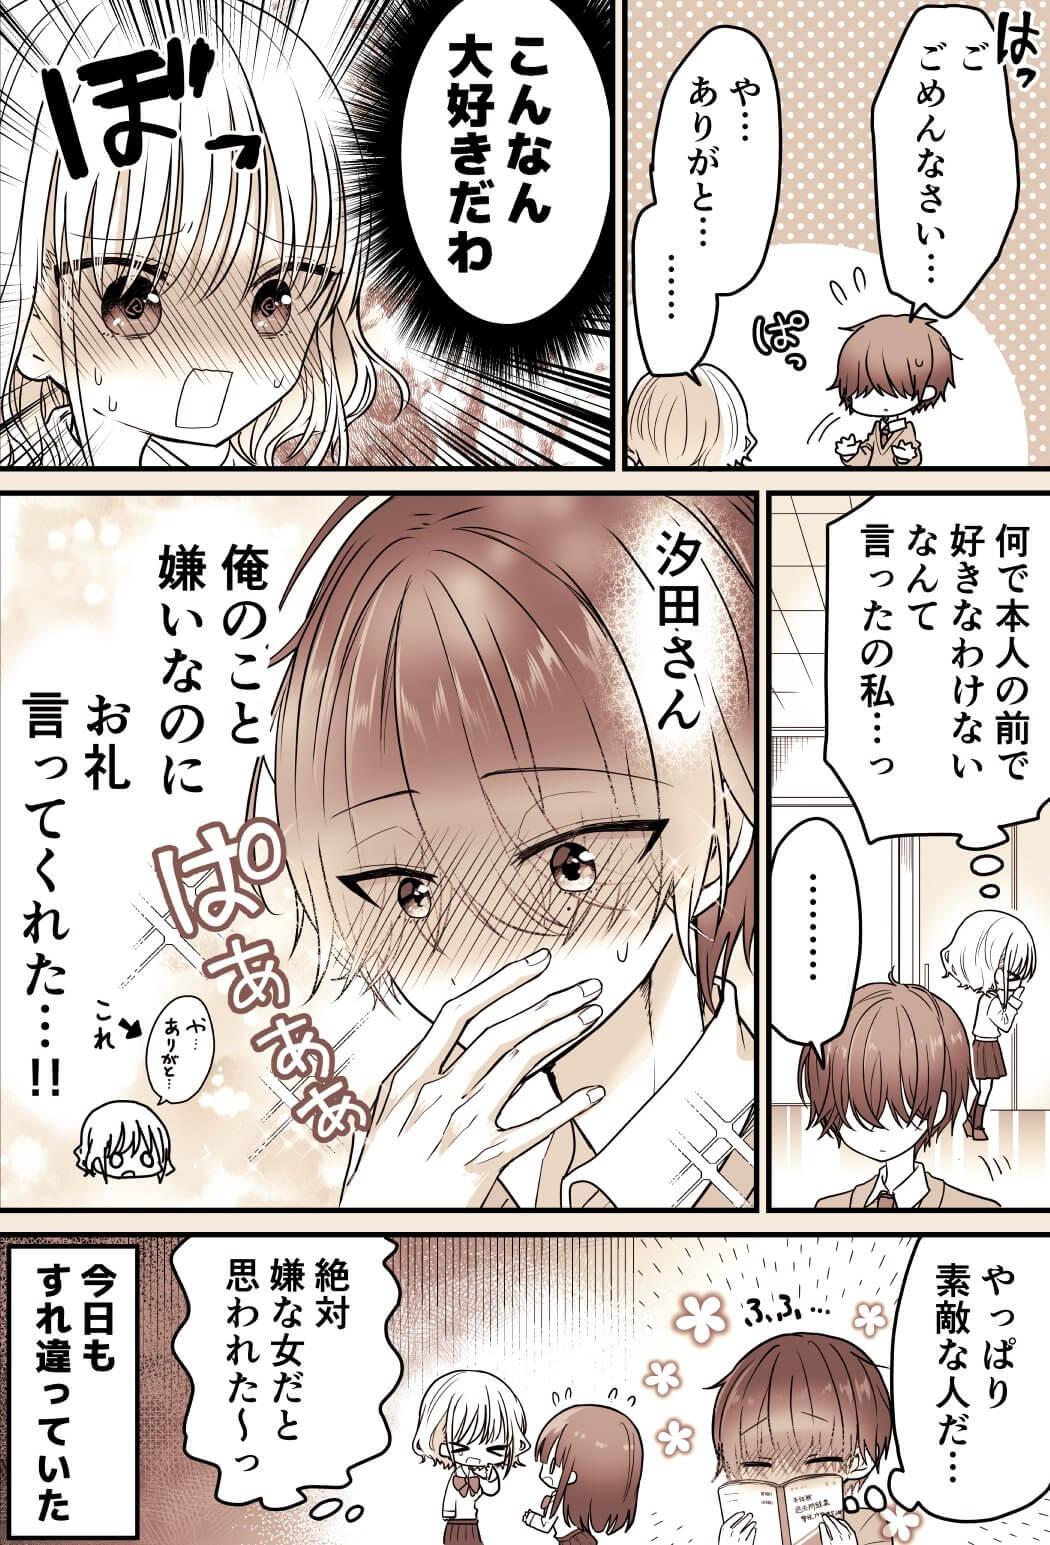 メカクレ男子が気になる漫画04